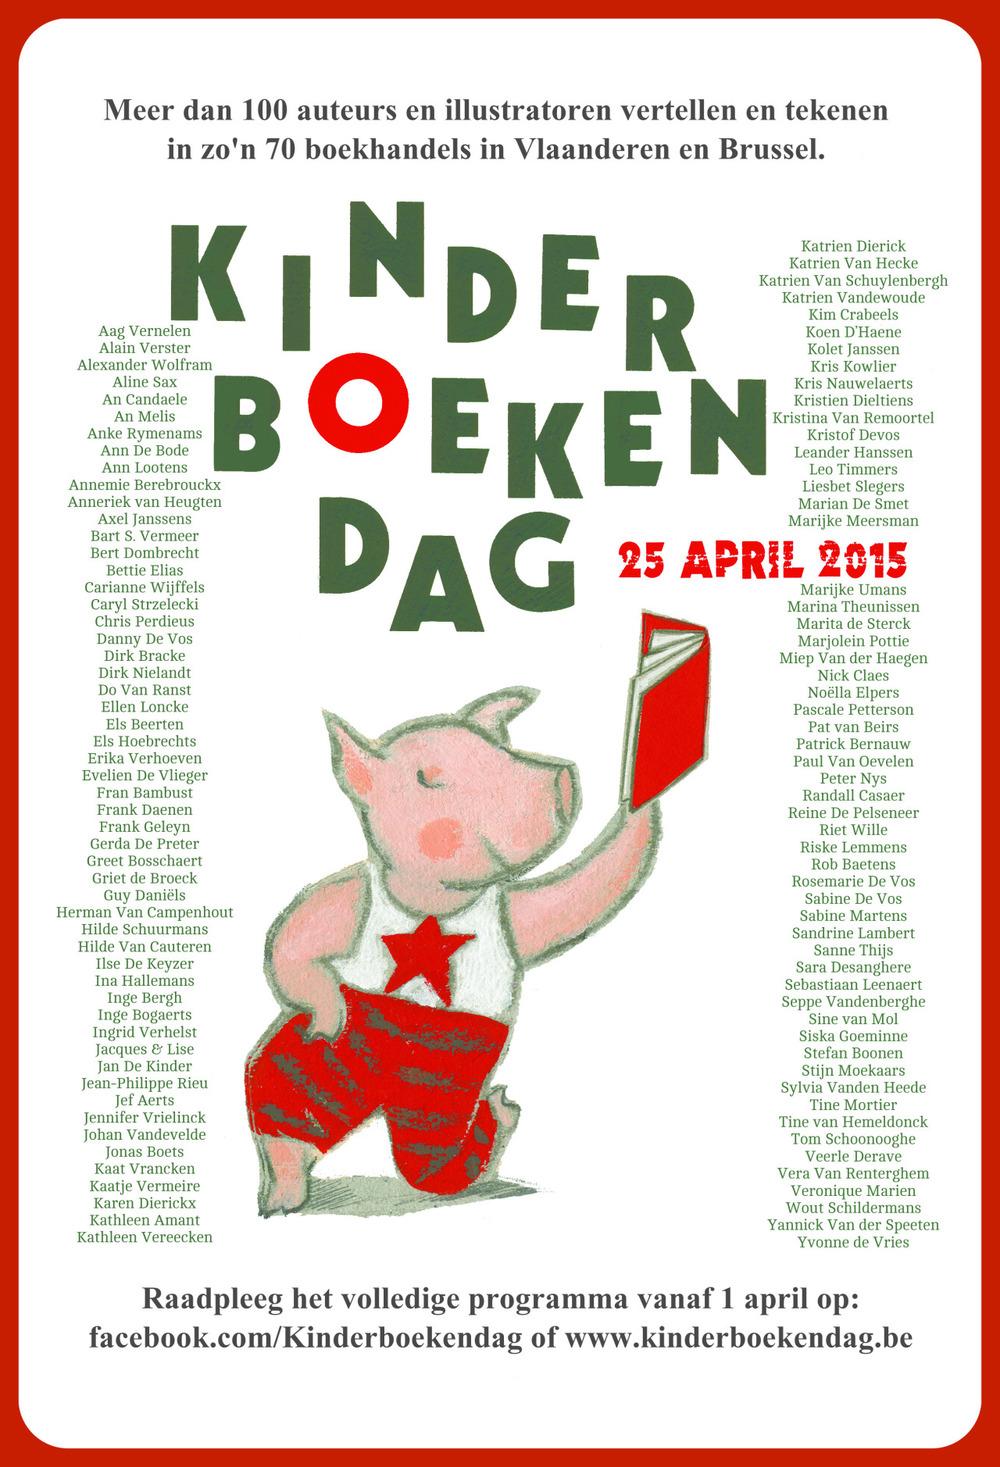 KINDERBOEKENDAG   In het kader van de Kinderboekendag zal ik om 10 uur voorlezen én tekenen in Passa Porta Bookshop,A. Dansaertstraat 46  1000 BXL.  Iedereen is welkom!